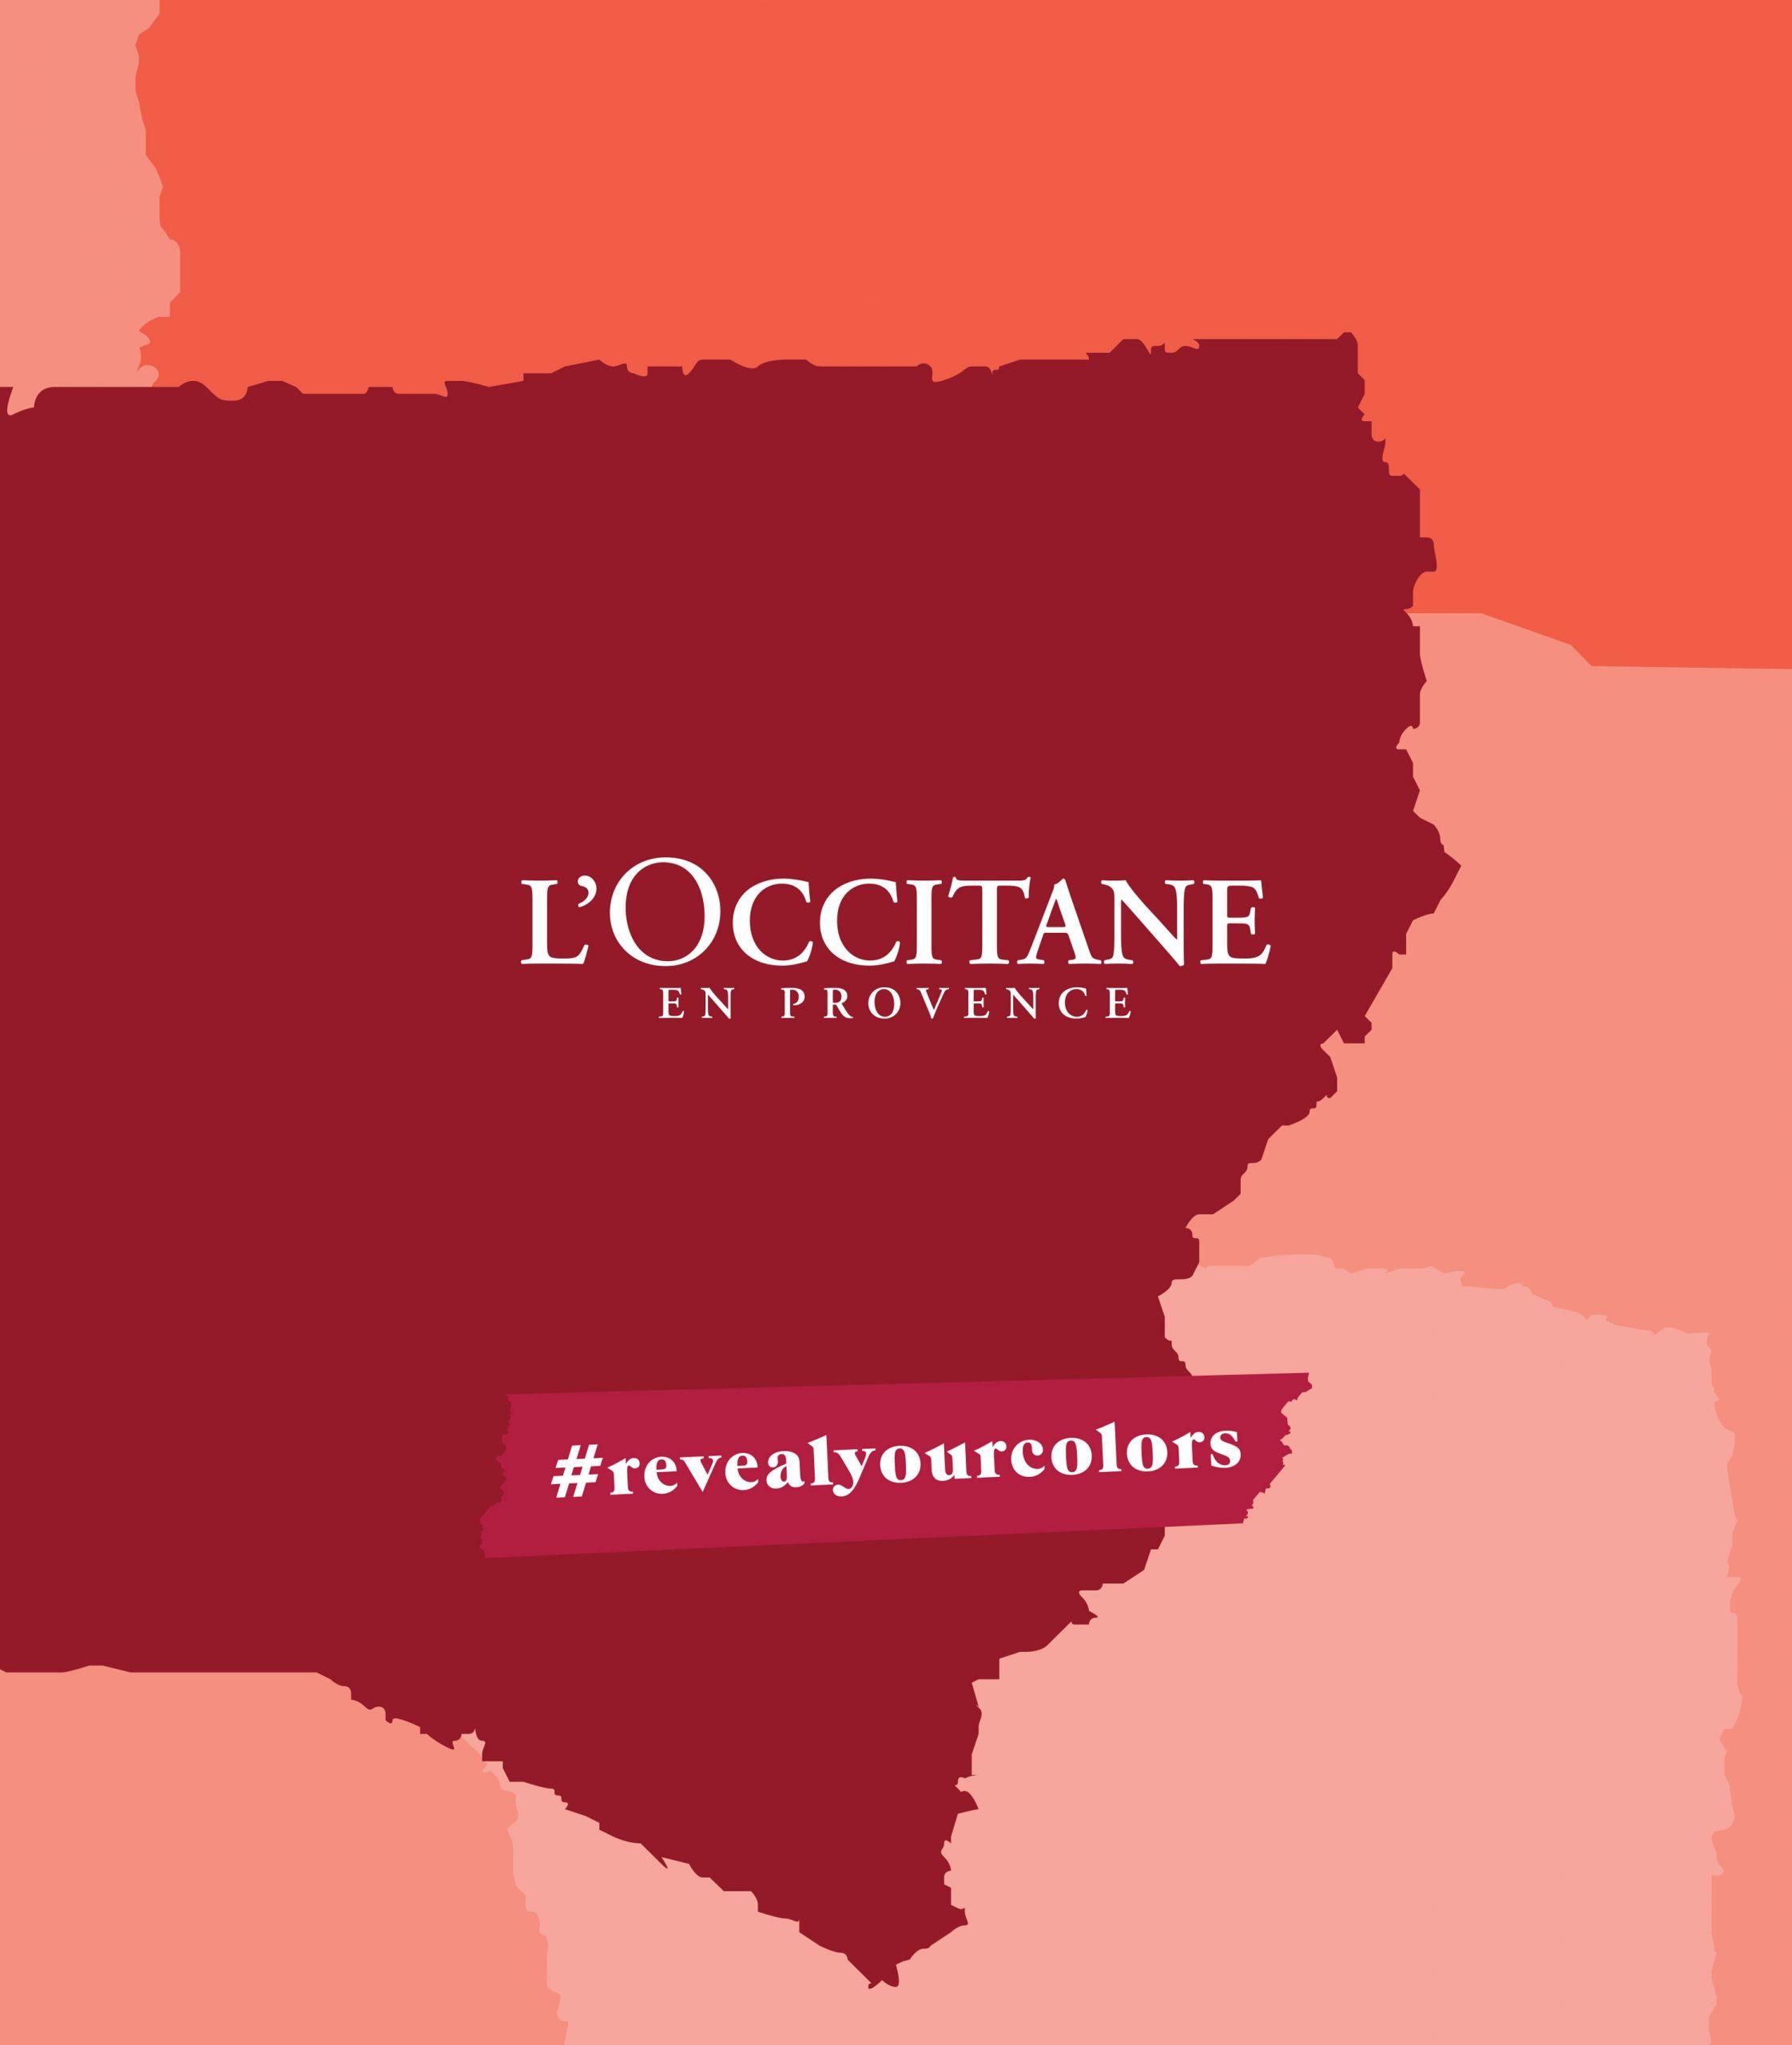 L'Occitane #revealyourcolors